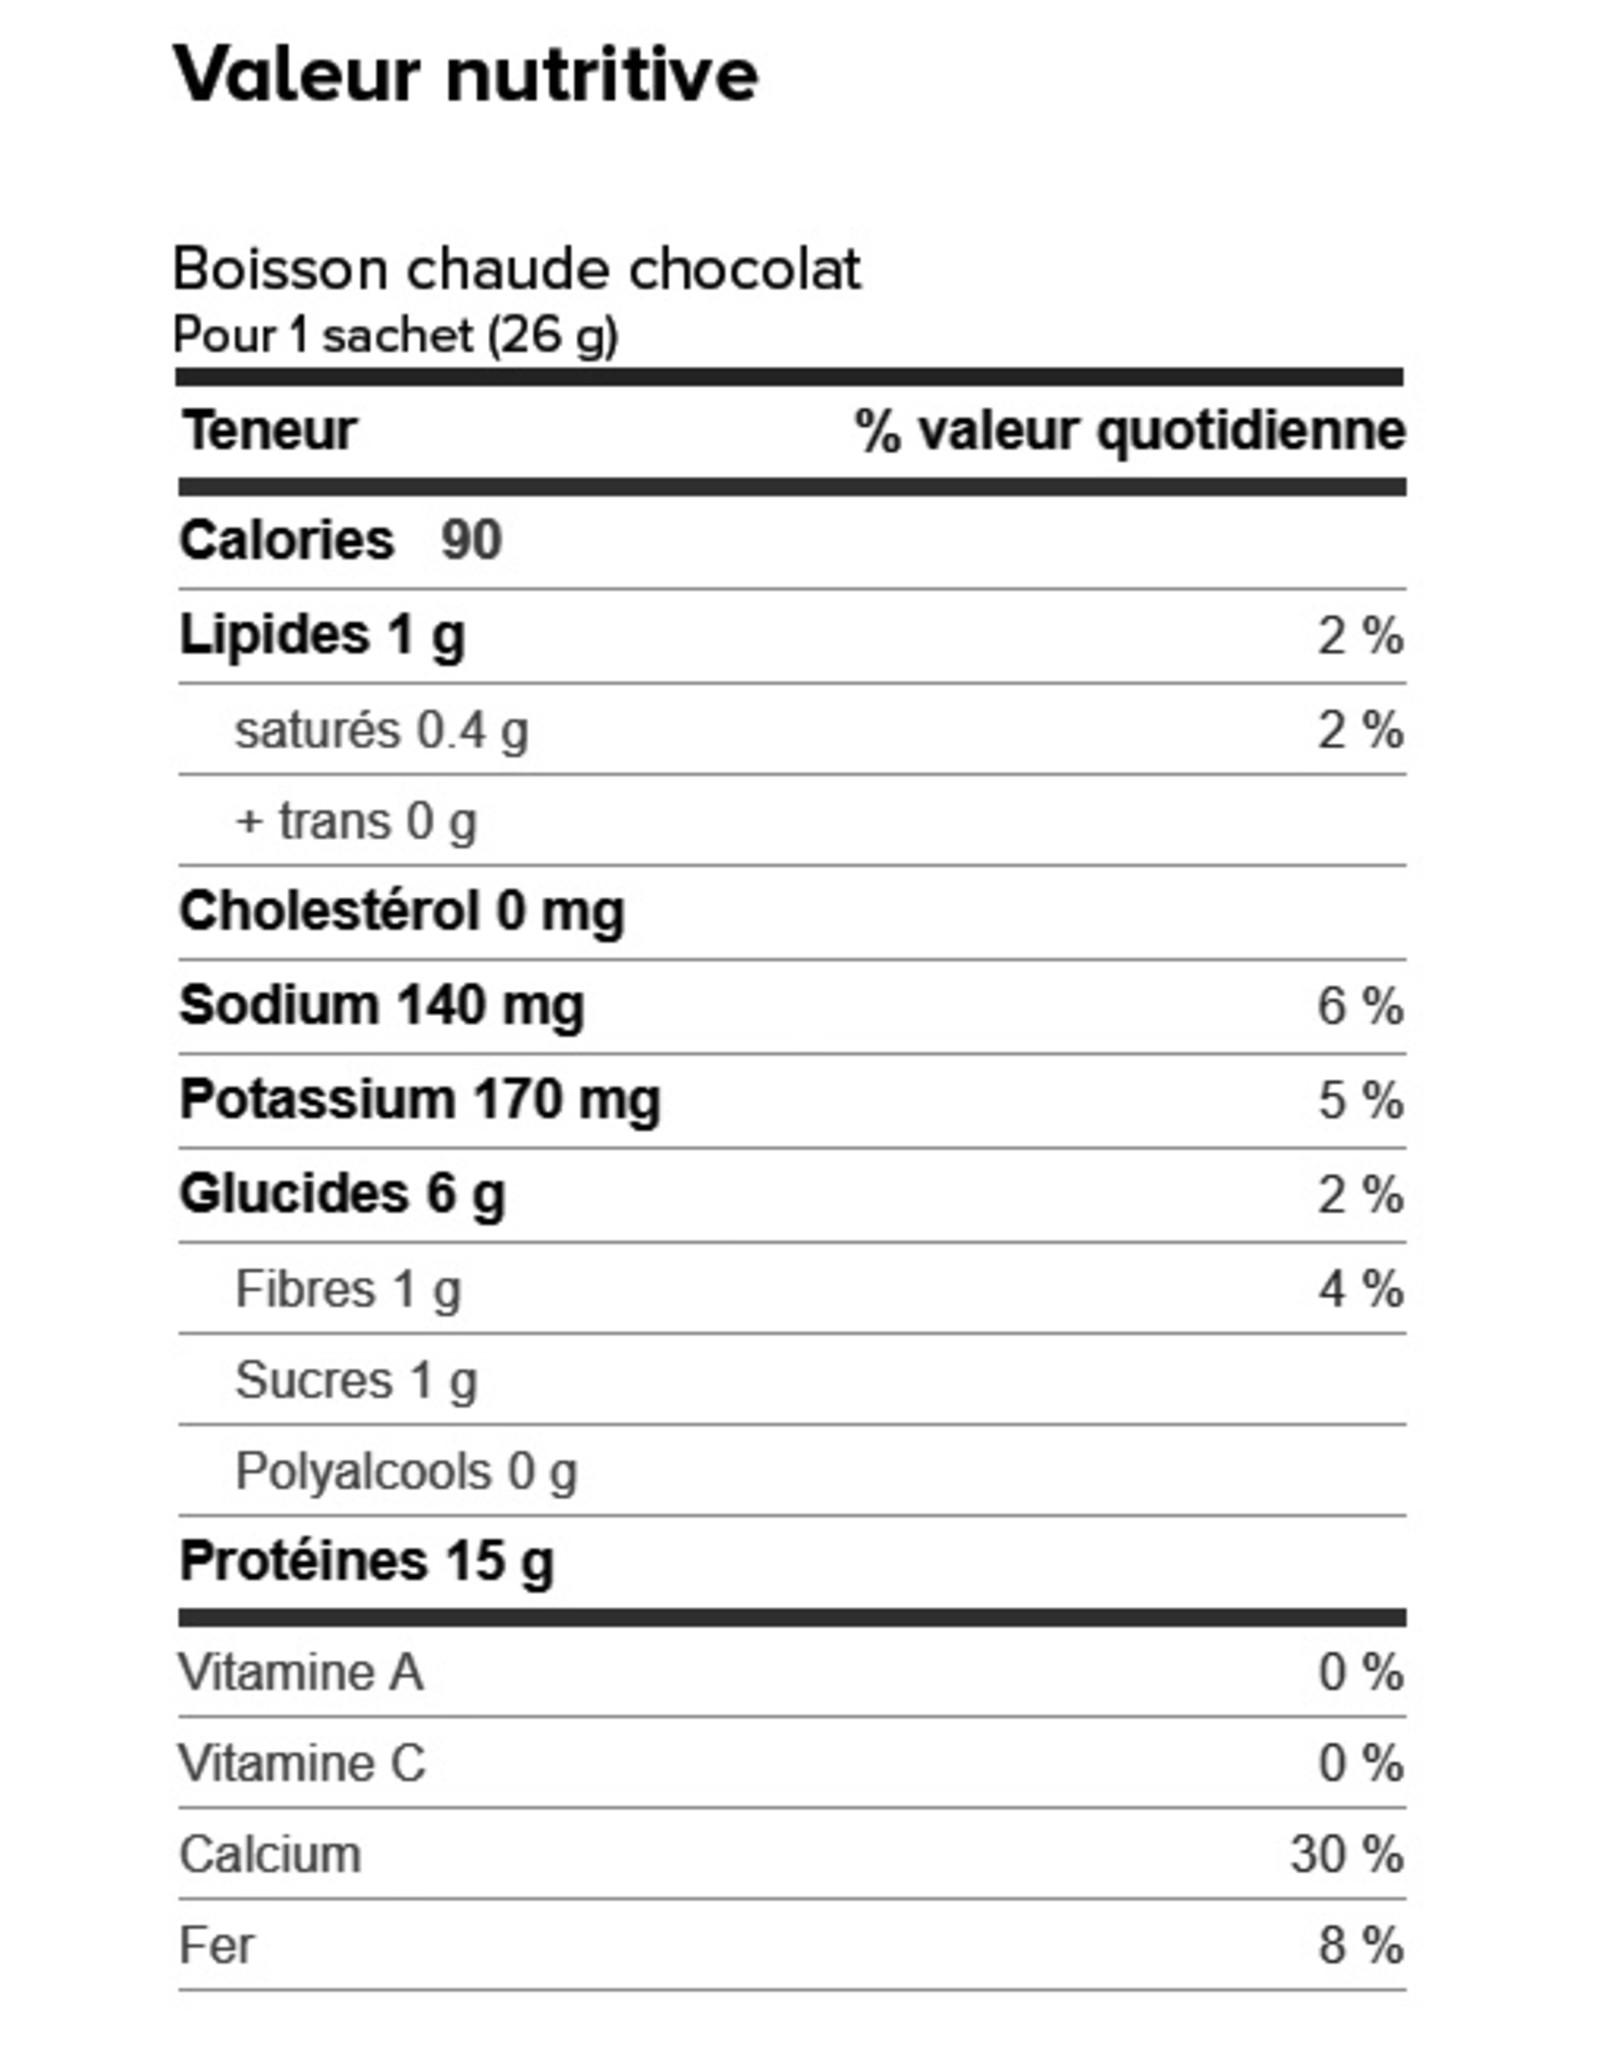 Proti-15 Boite (1 x 7) BOISSON CHAUDE CHOCOLAT CHAUD